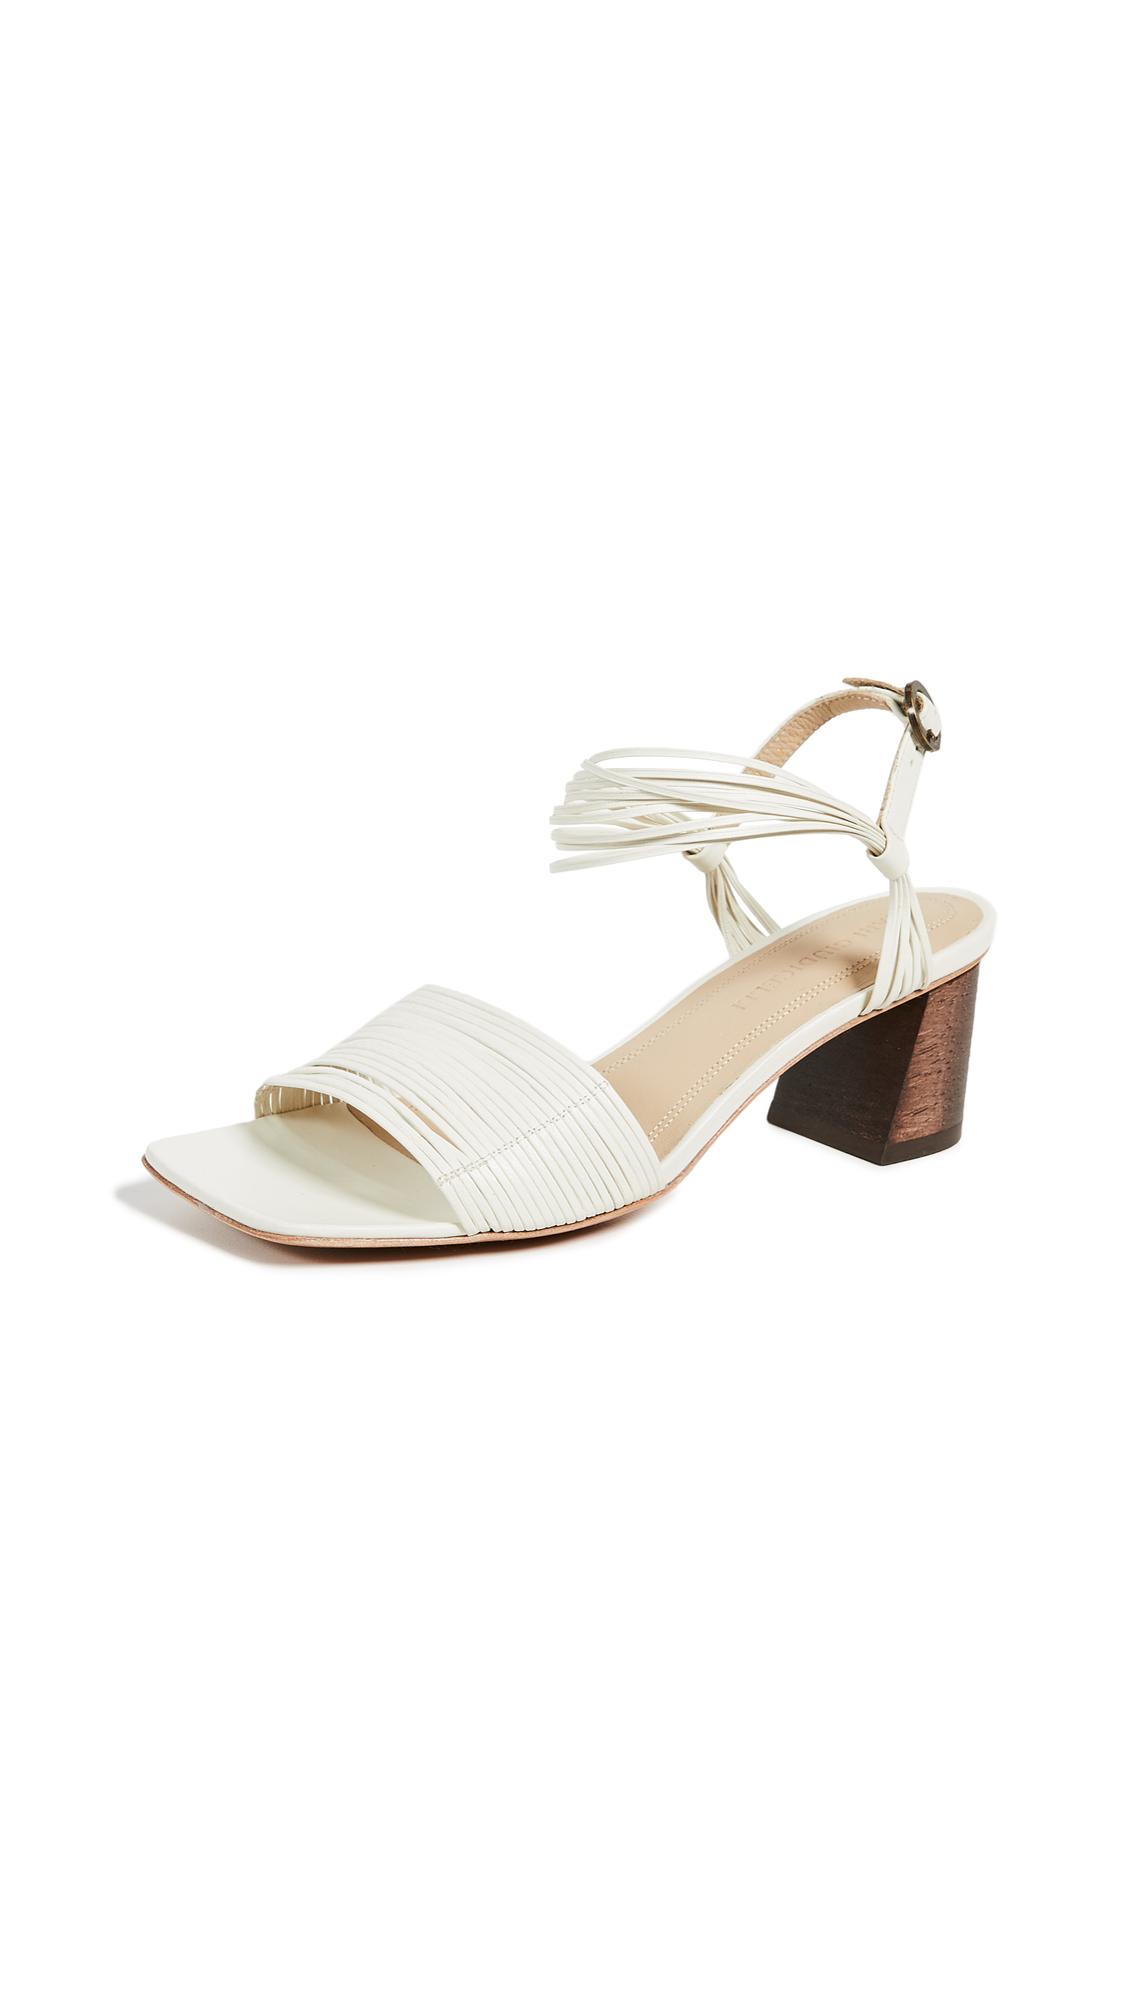 Mari Giudicelli Vitta Sandals - Off-White